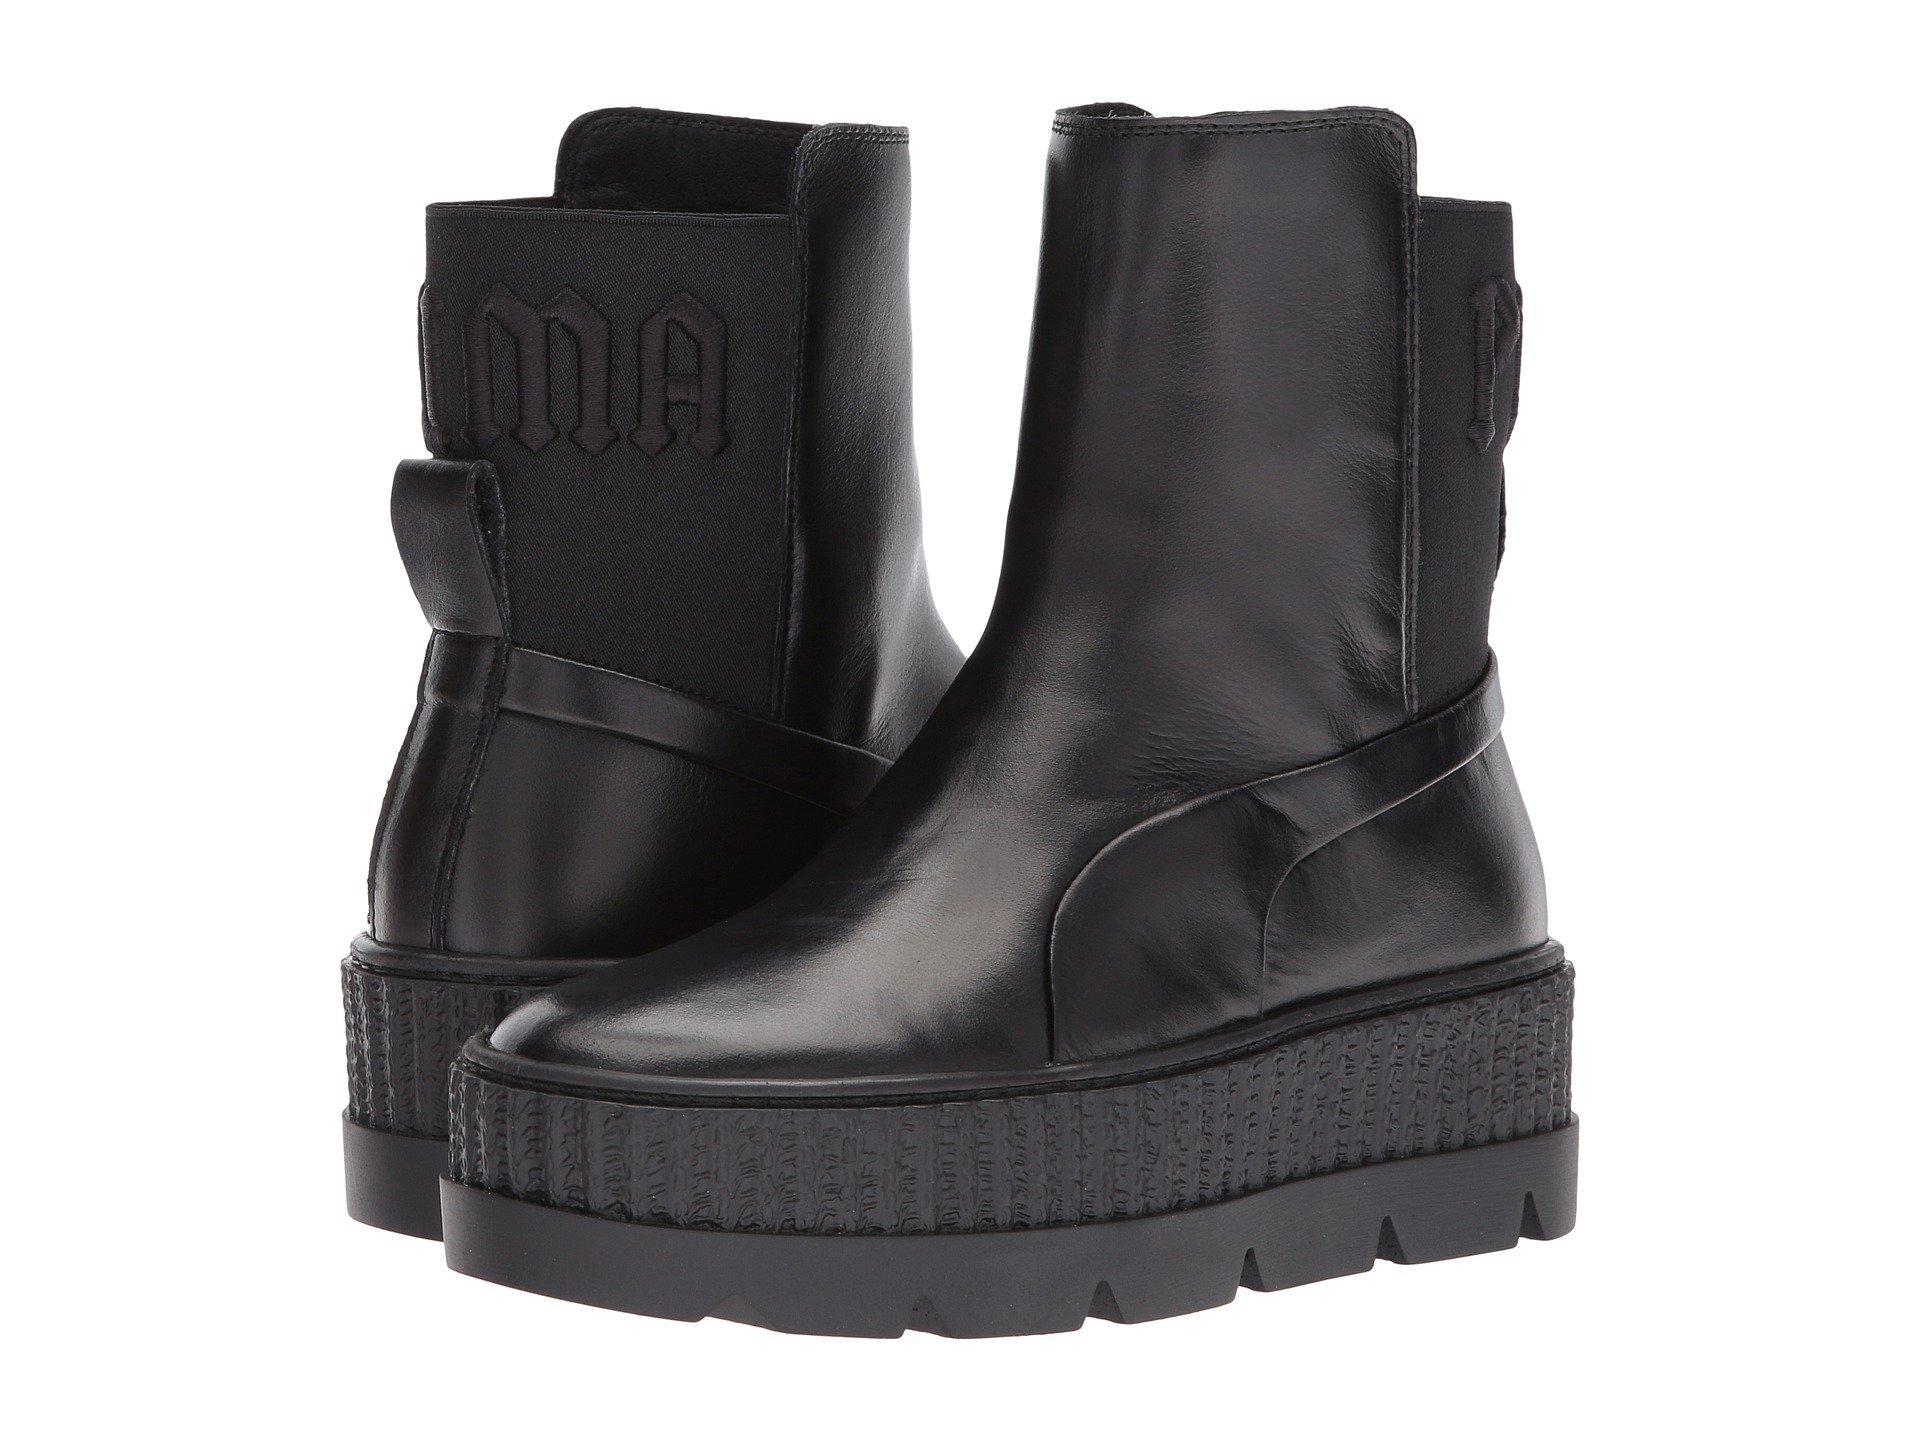 Puma X Fenty By Rihanna Chelsea Sneaker Boot In  Black